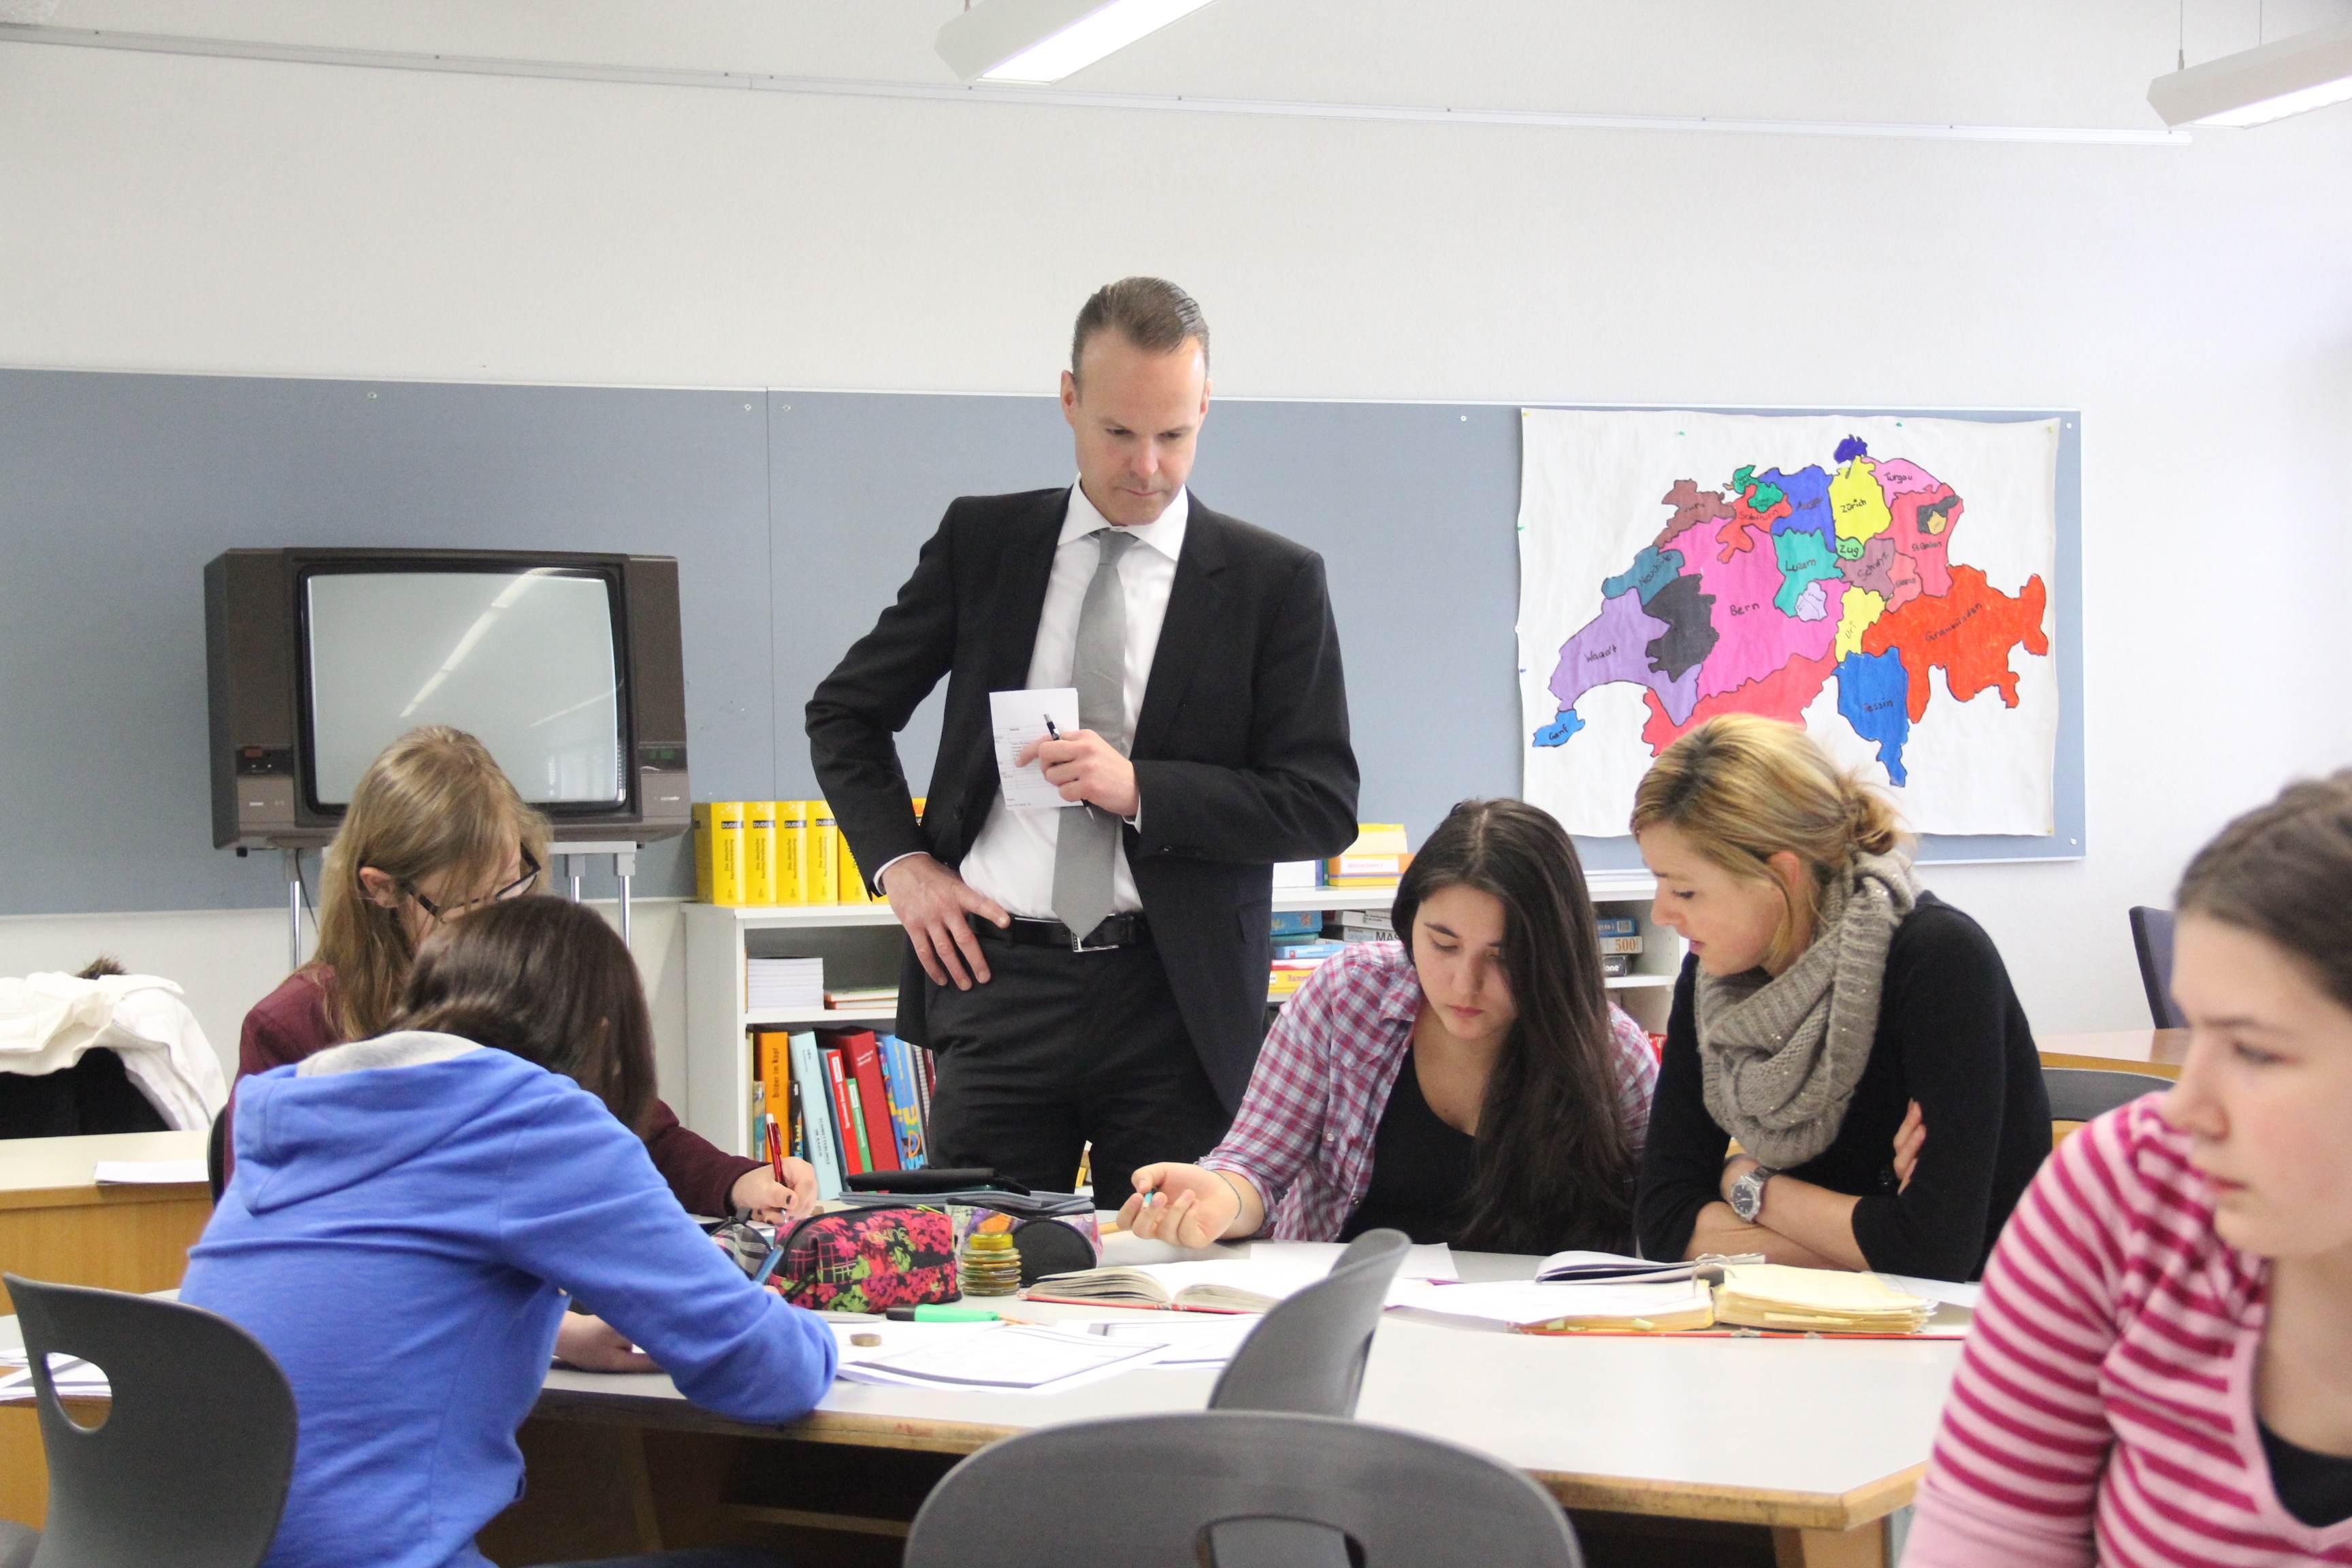 Für die Gesetzesänderung: Der Zuger Bildungsdirektor Stephan Schleiss. Archivbild von einem Schulbesuch in Oberägeri.